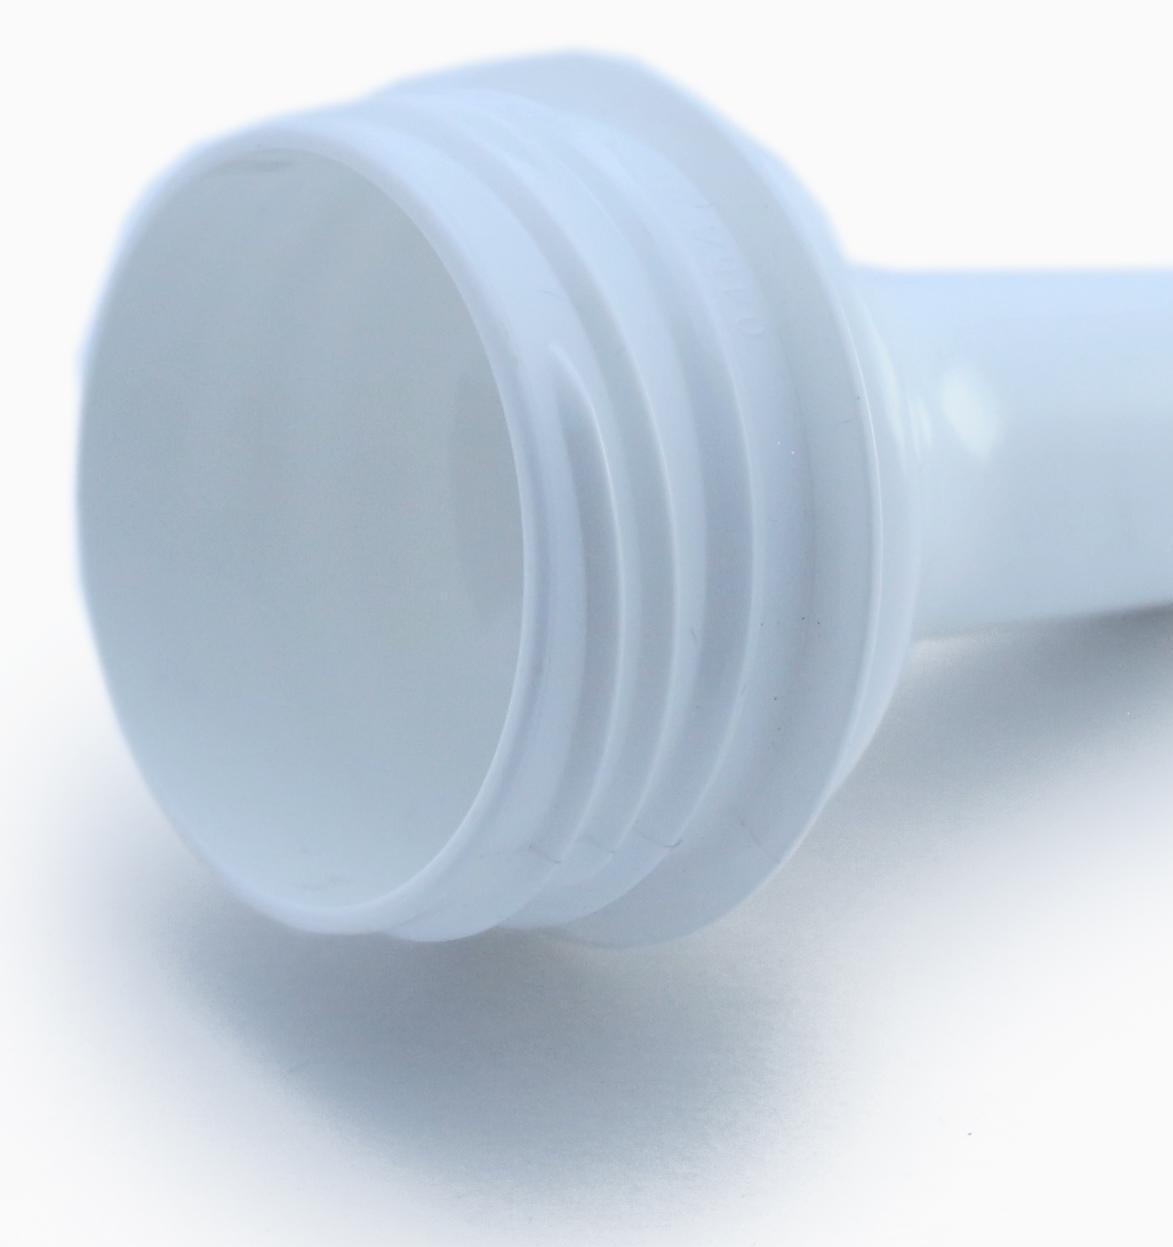 «Европласт» будет выпускать преформу с добавлением восстановленного гранулята